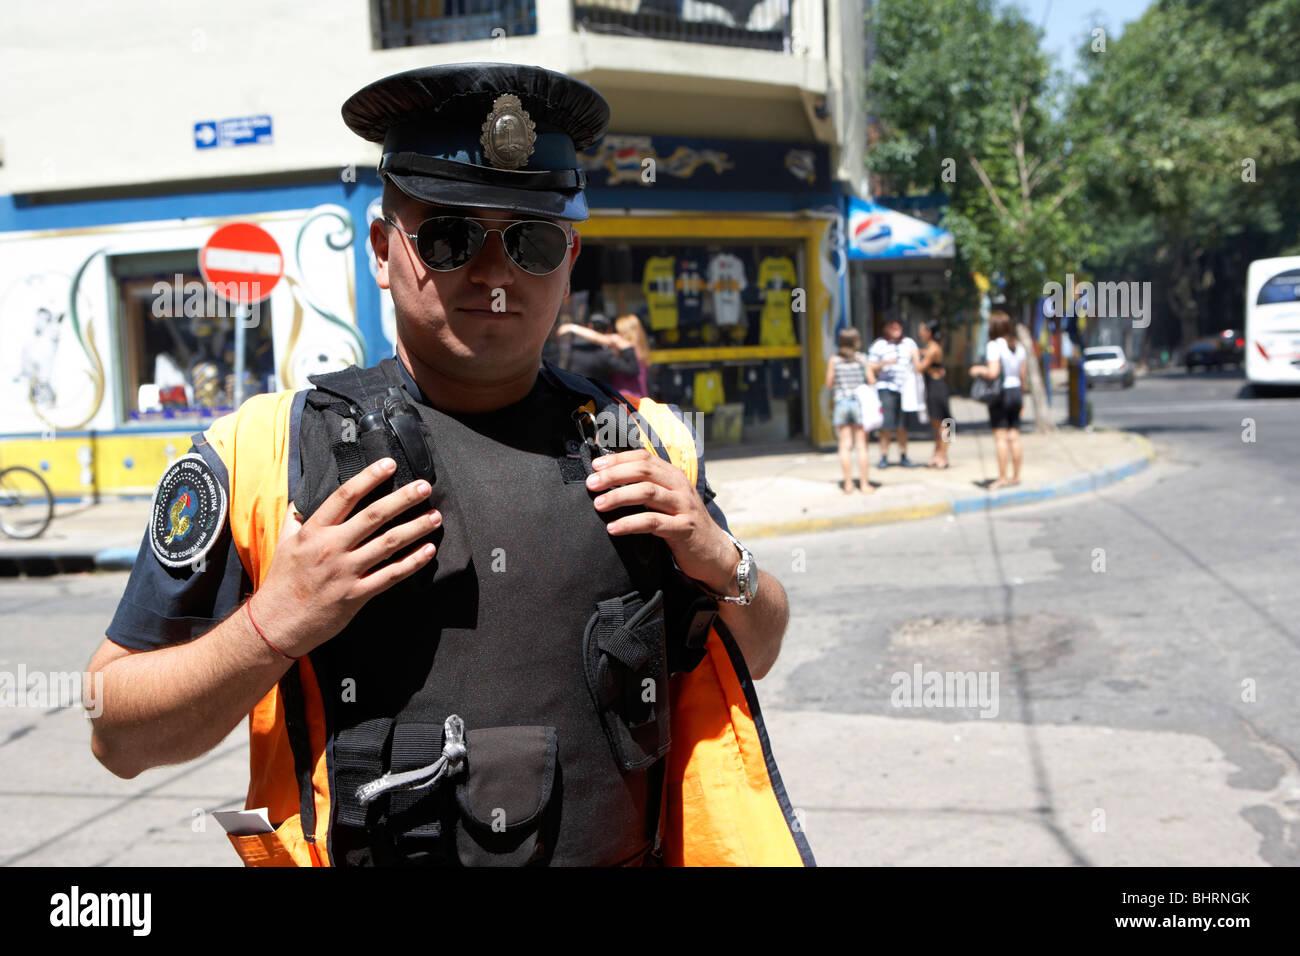 argentinische Policia federal bewaffneten Polizisten bewacht Straßenecke im touristischen Zentrum von la Boca Stockbild